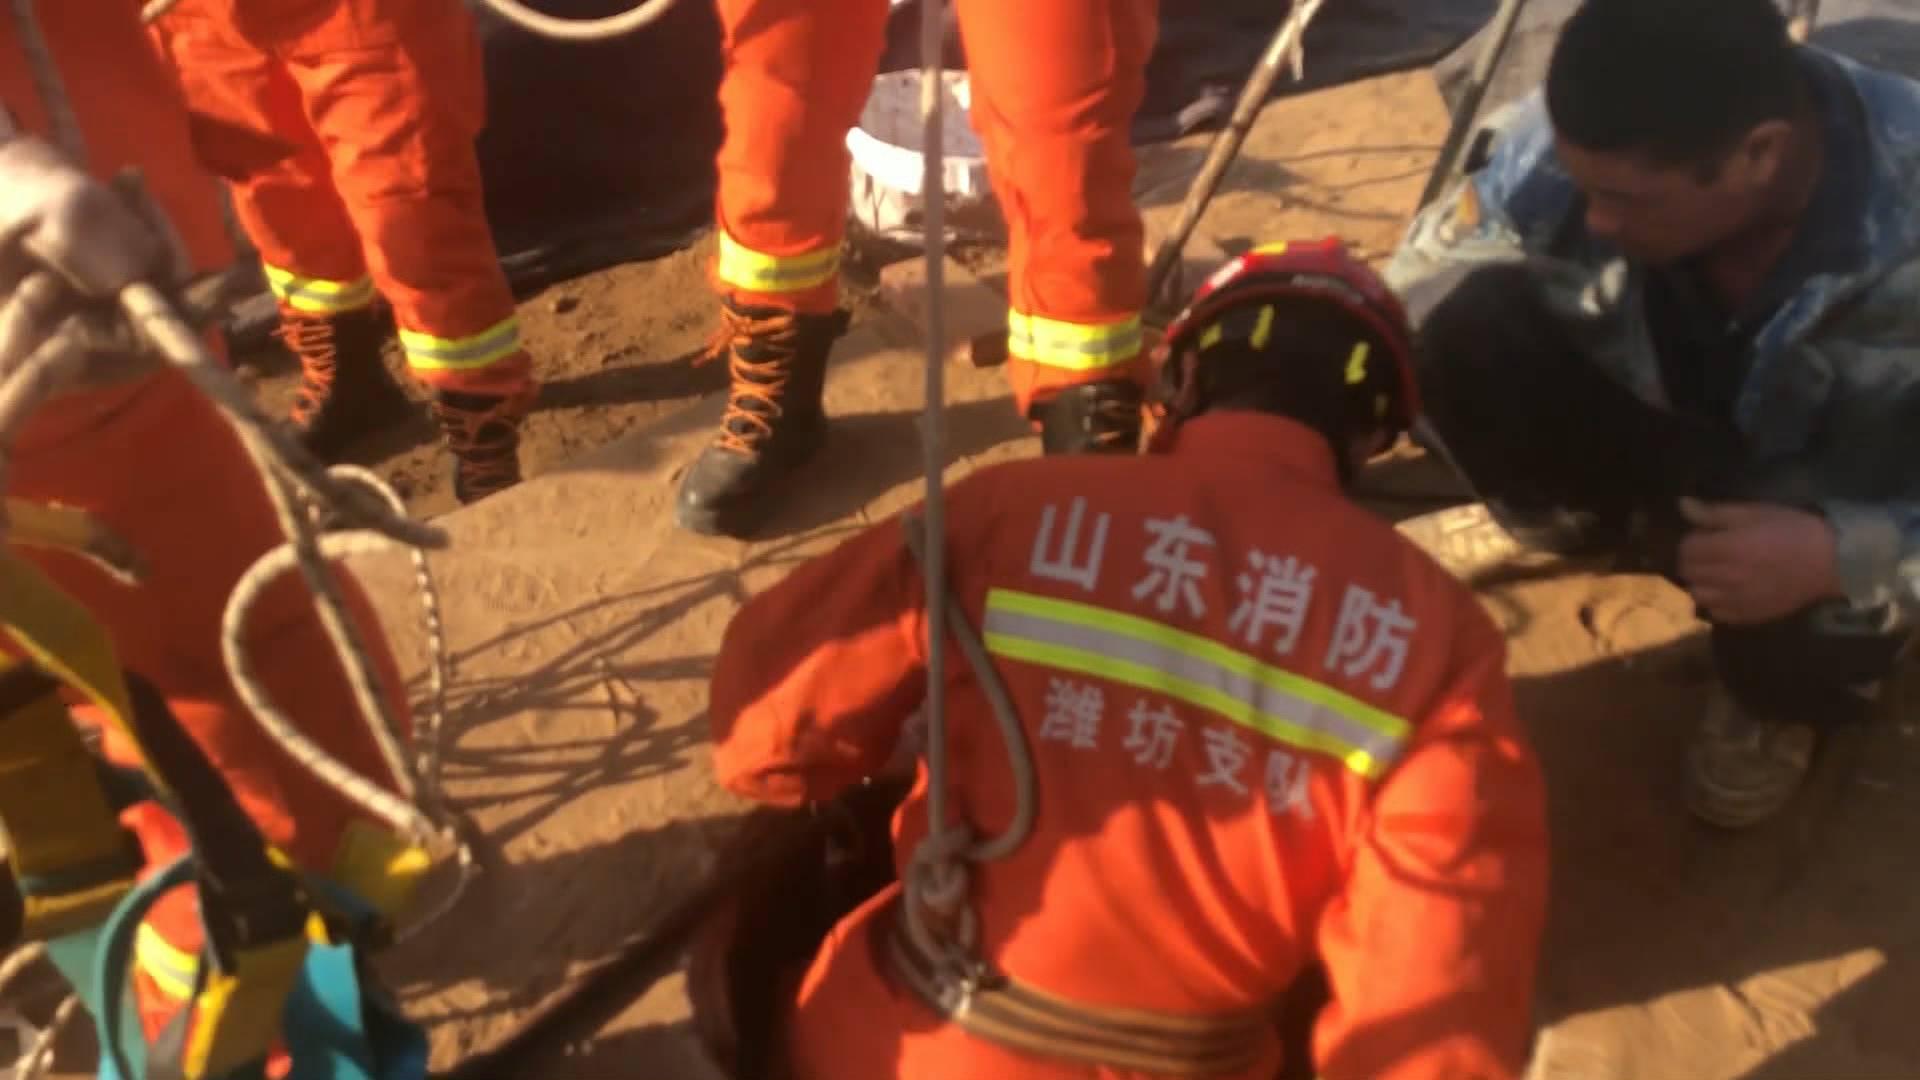 41秒丨潍坊一妇女不慎坠入姜井 消防紧急救援